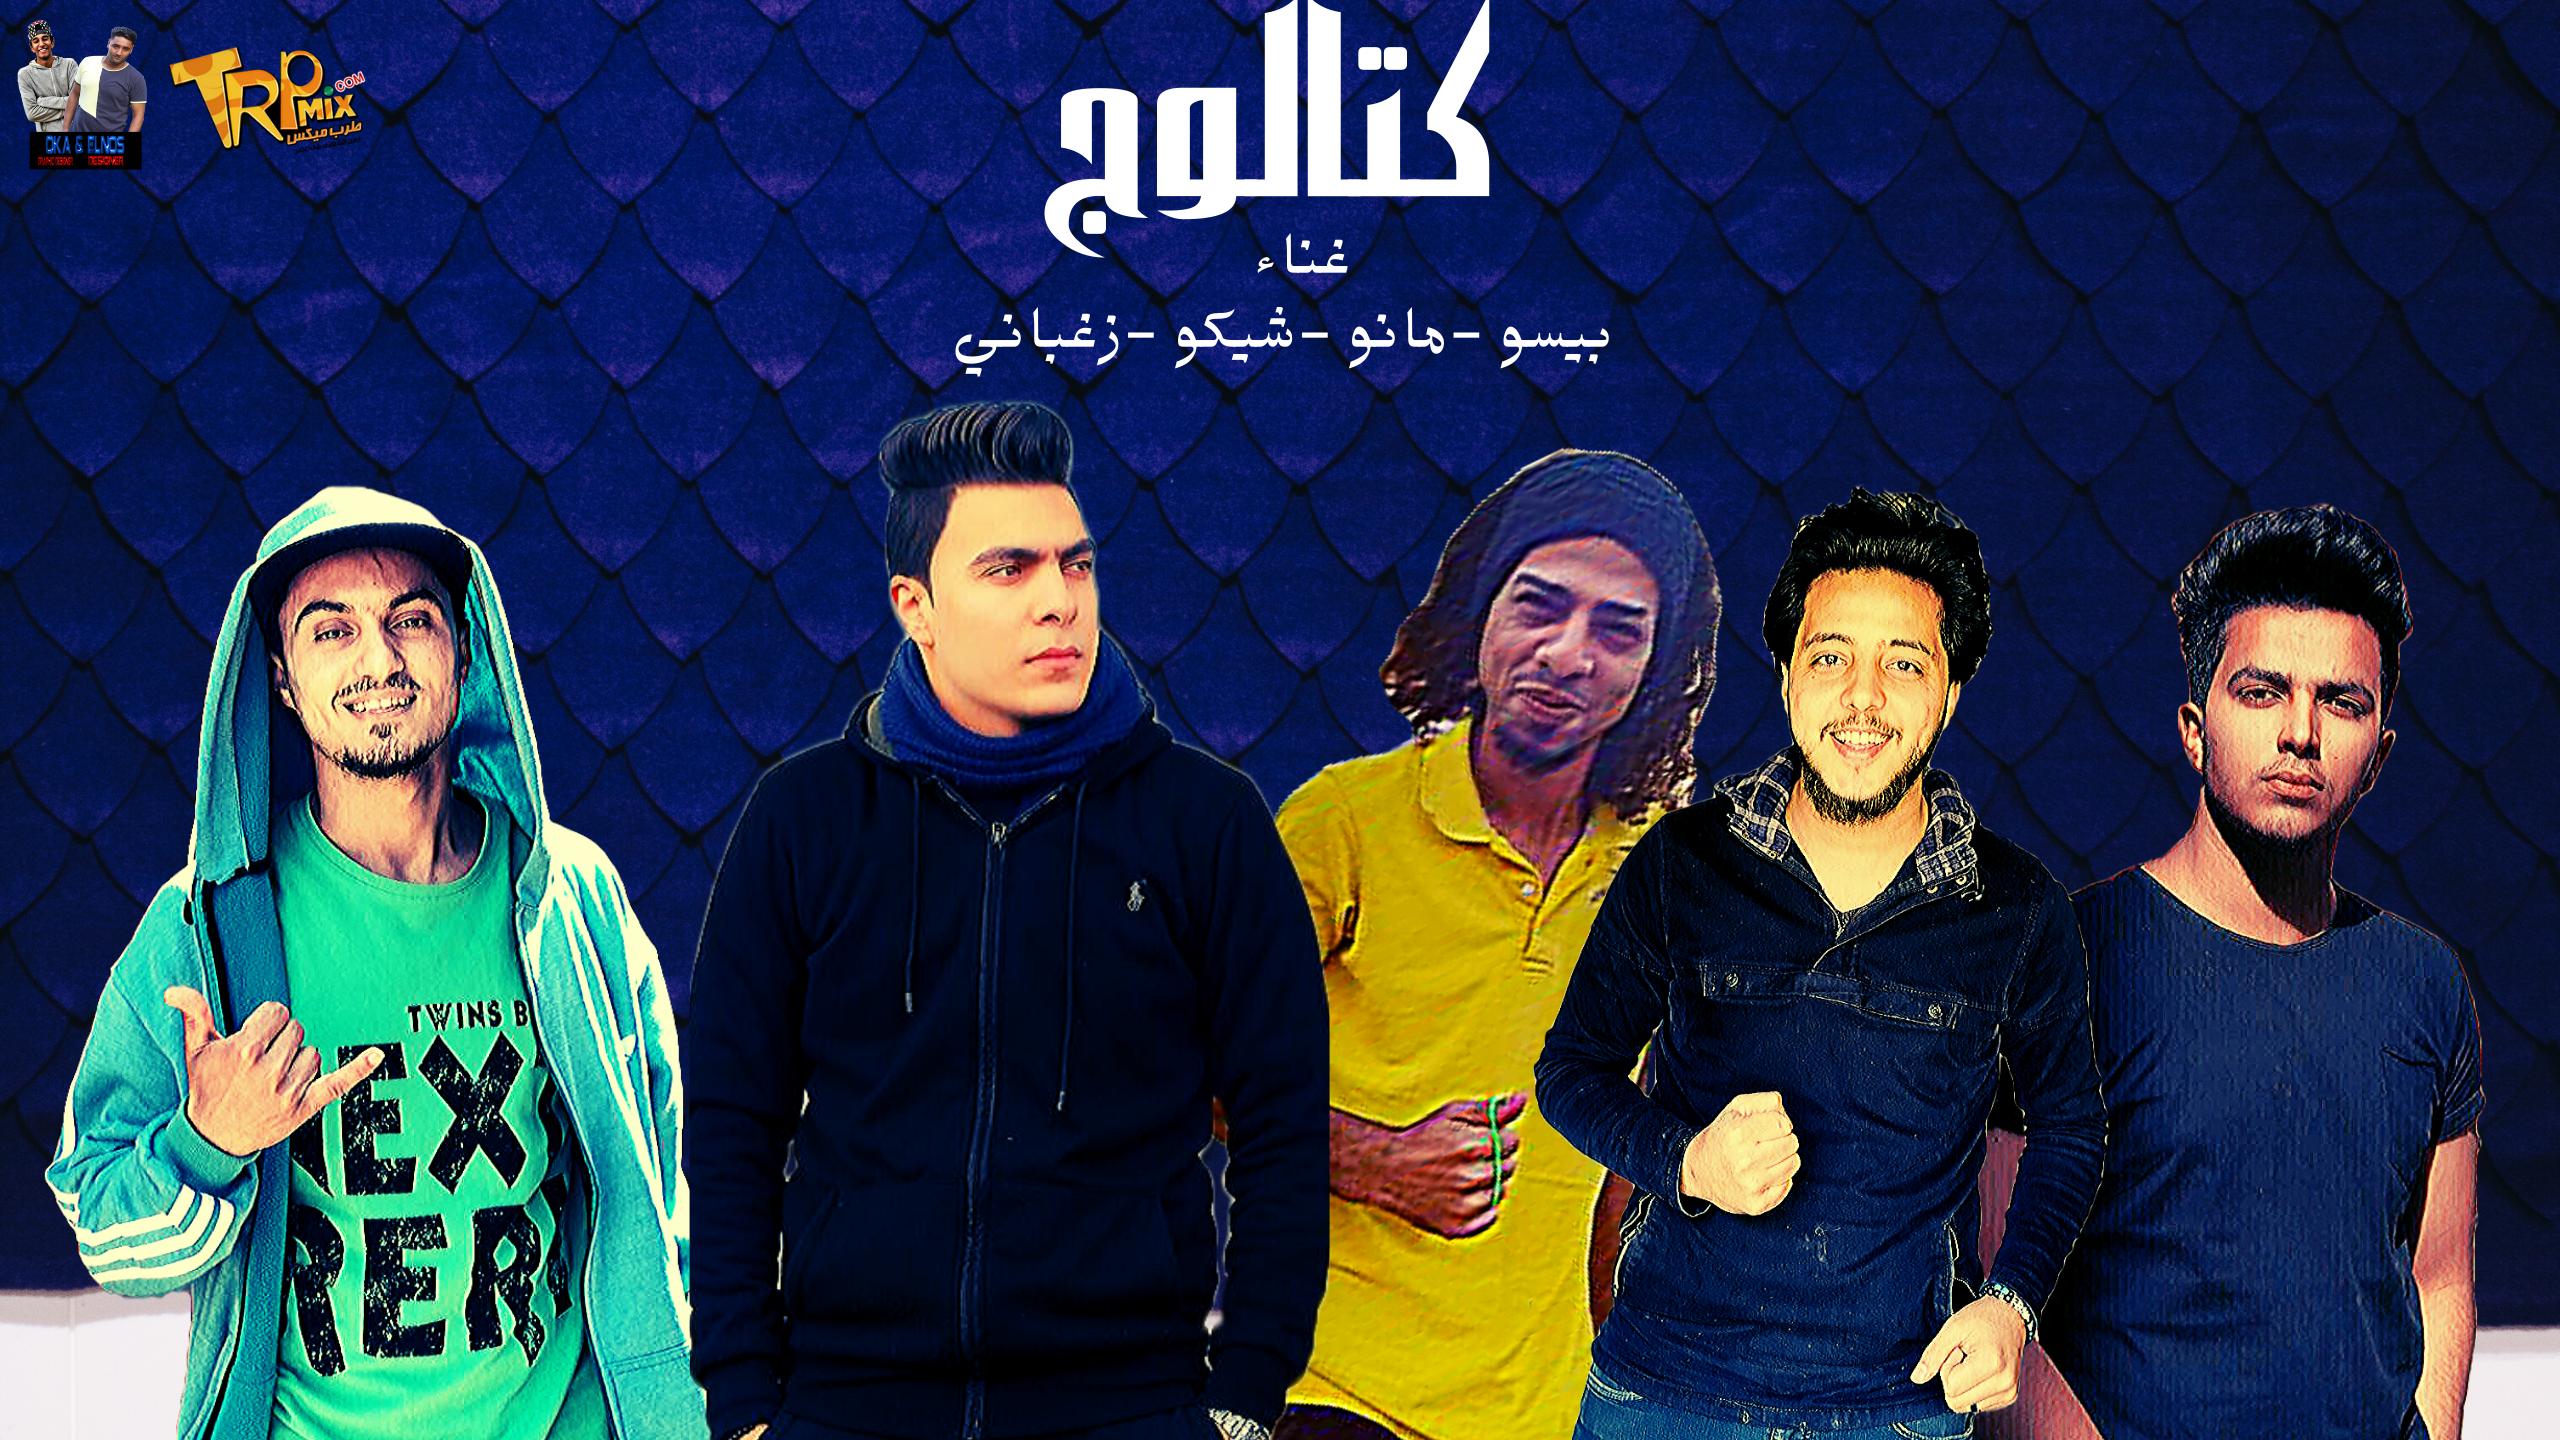 مهرجان كتالوج غناء بيسو مانو شيكو زغباني توزيع حوكا المصري 2020